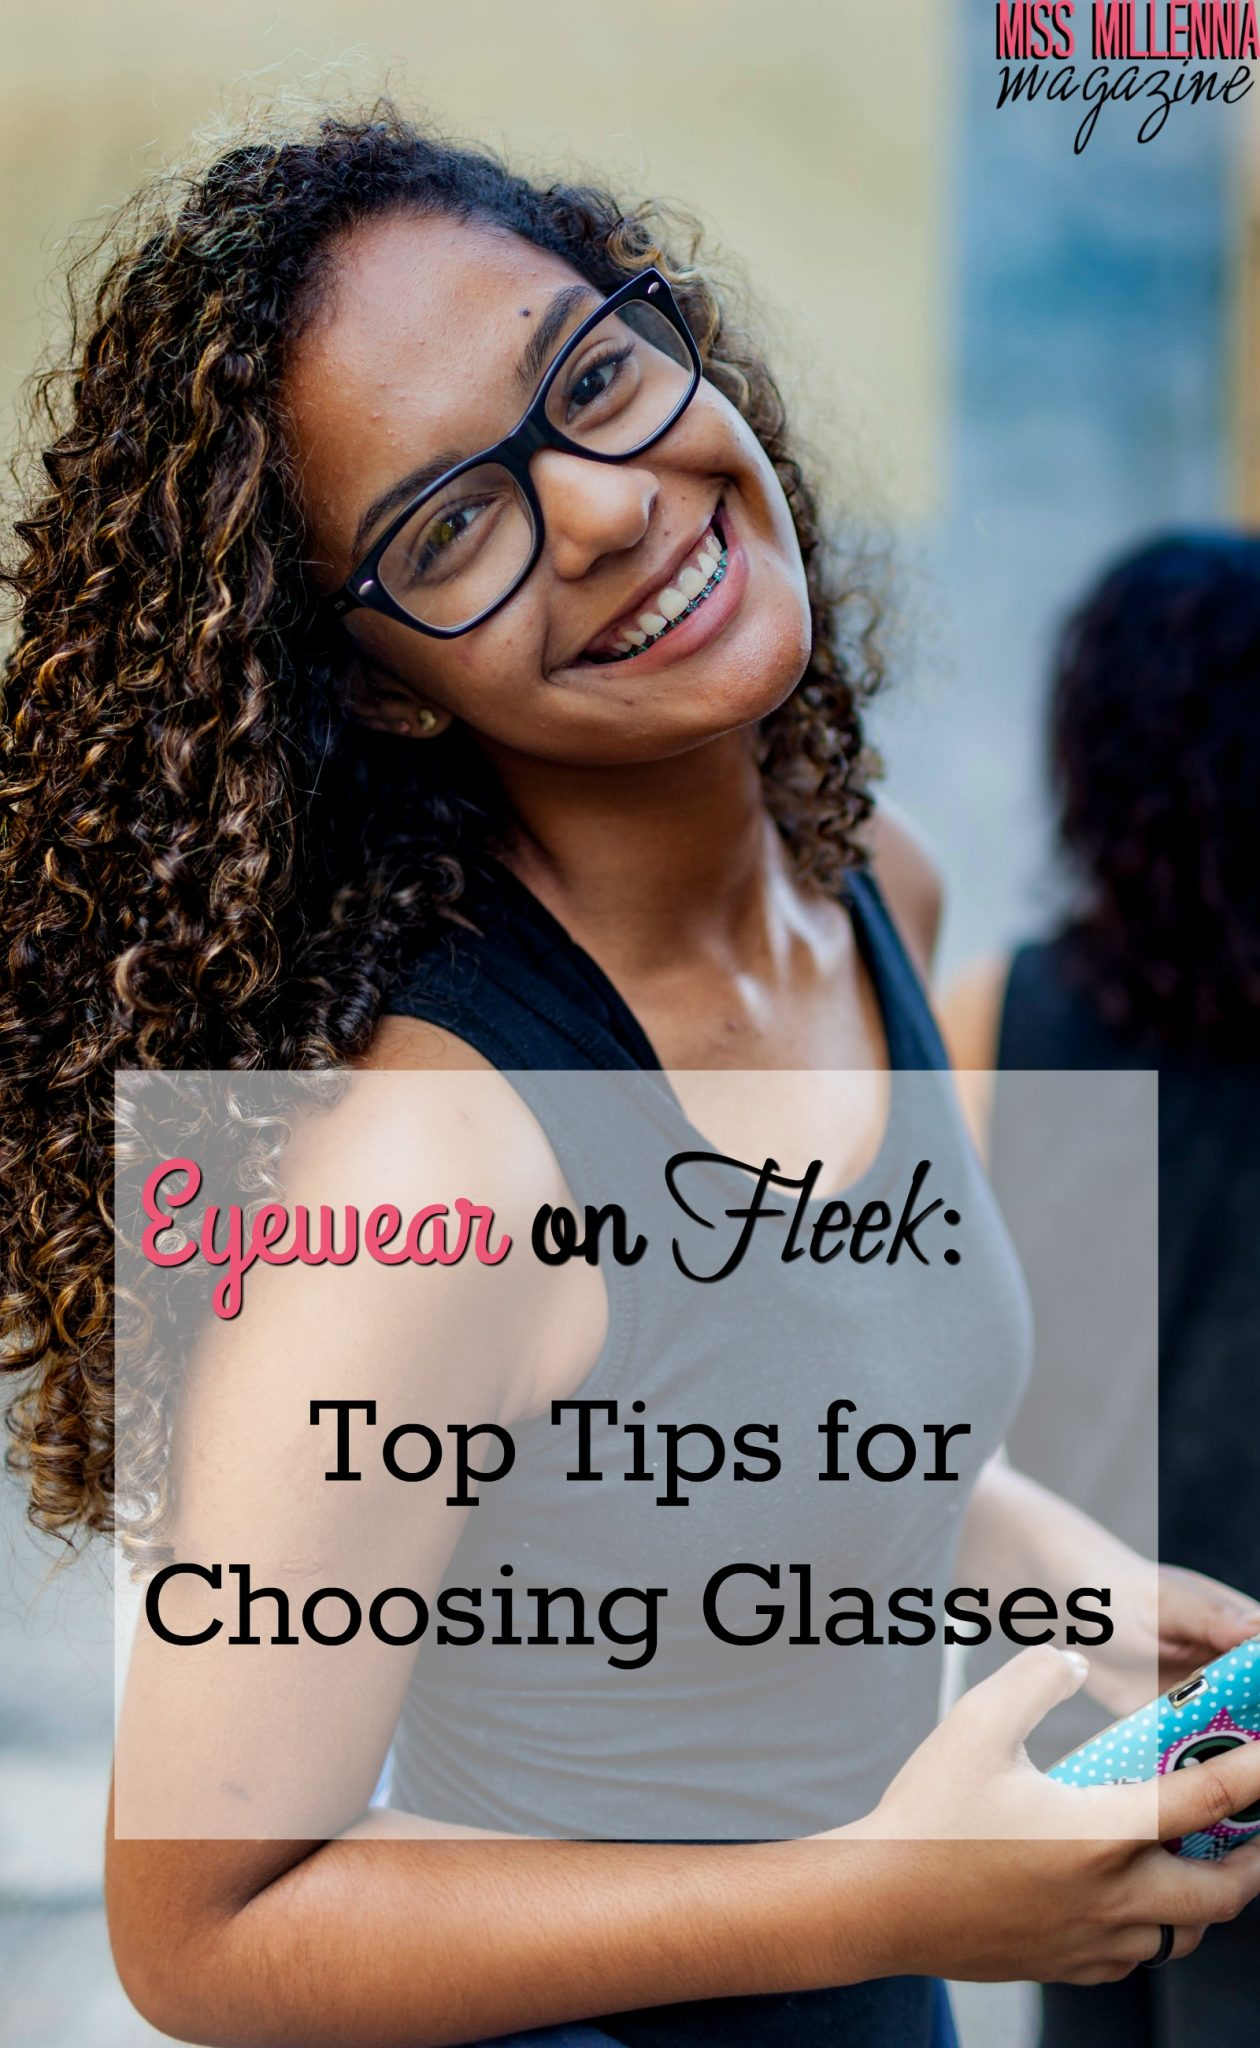 Eyewear on Fleek- Top Tips for Choosing Glasses